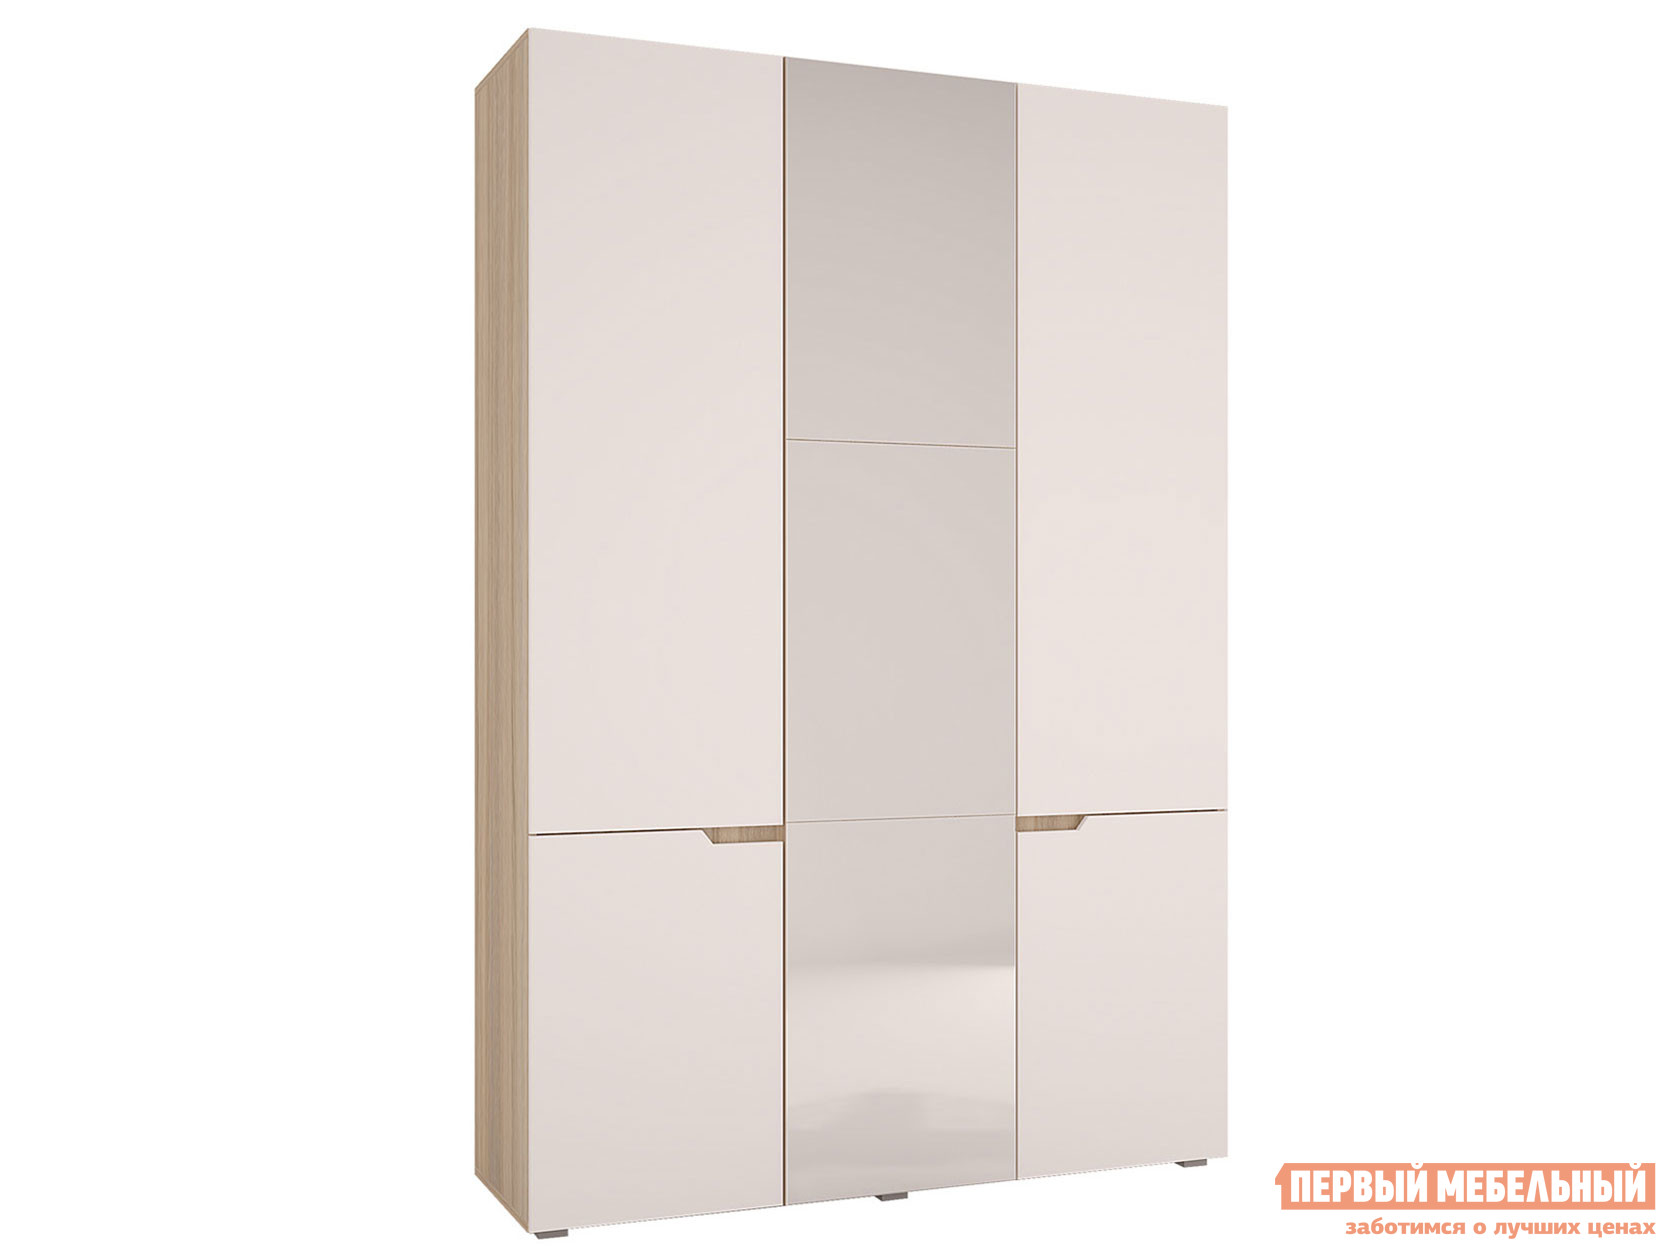 Фото - Распашной шкаф Первый Мебельный Шкаф 3х-дверный Анталия распашной шкаф первый мебельный шкаф 3 х дверный глухой венето